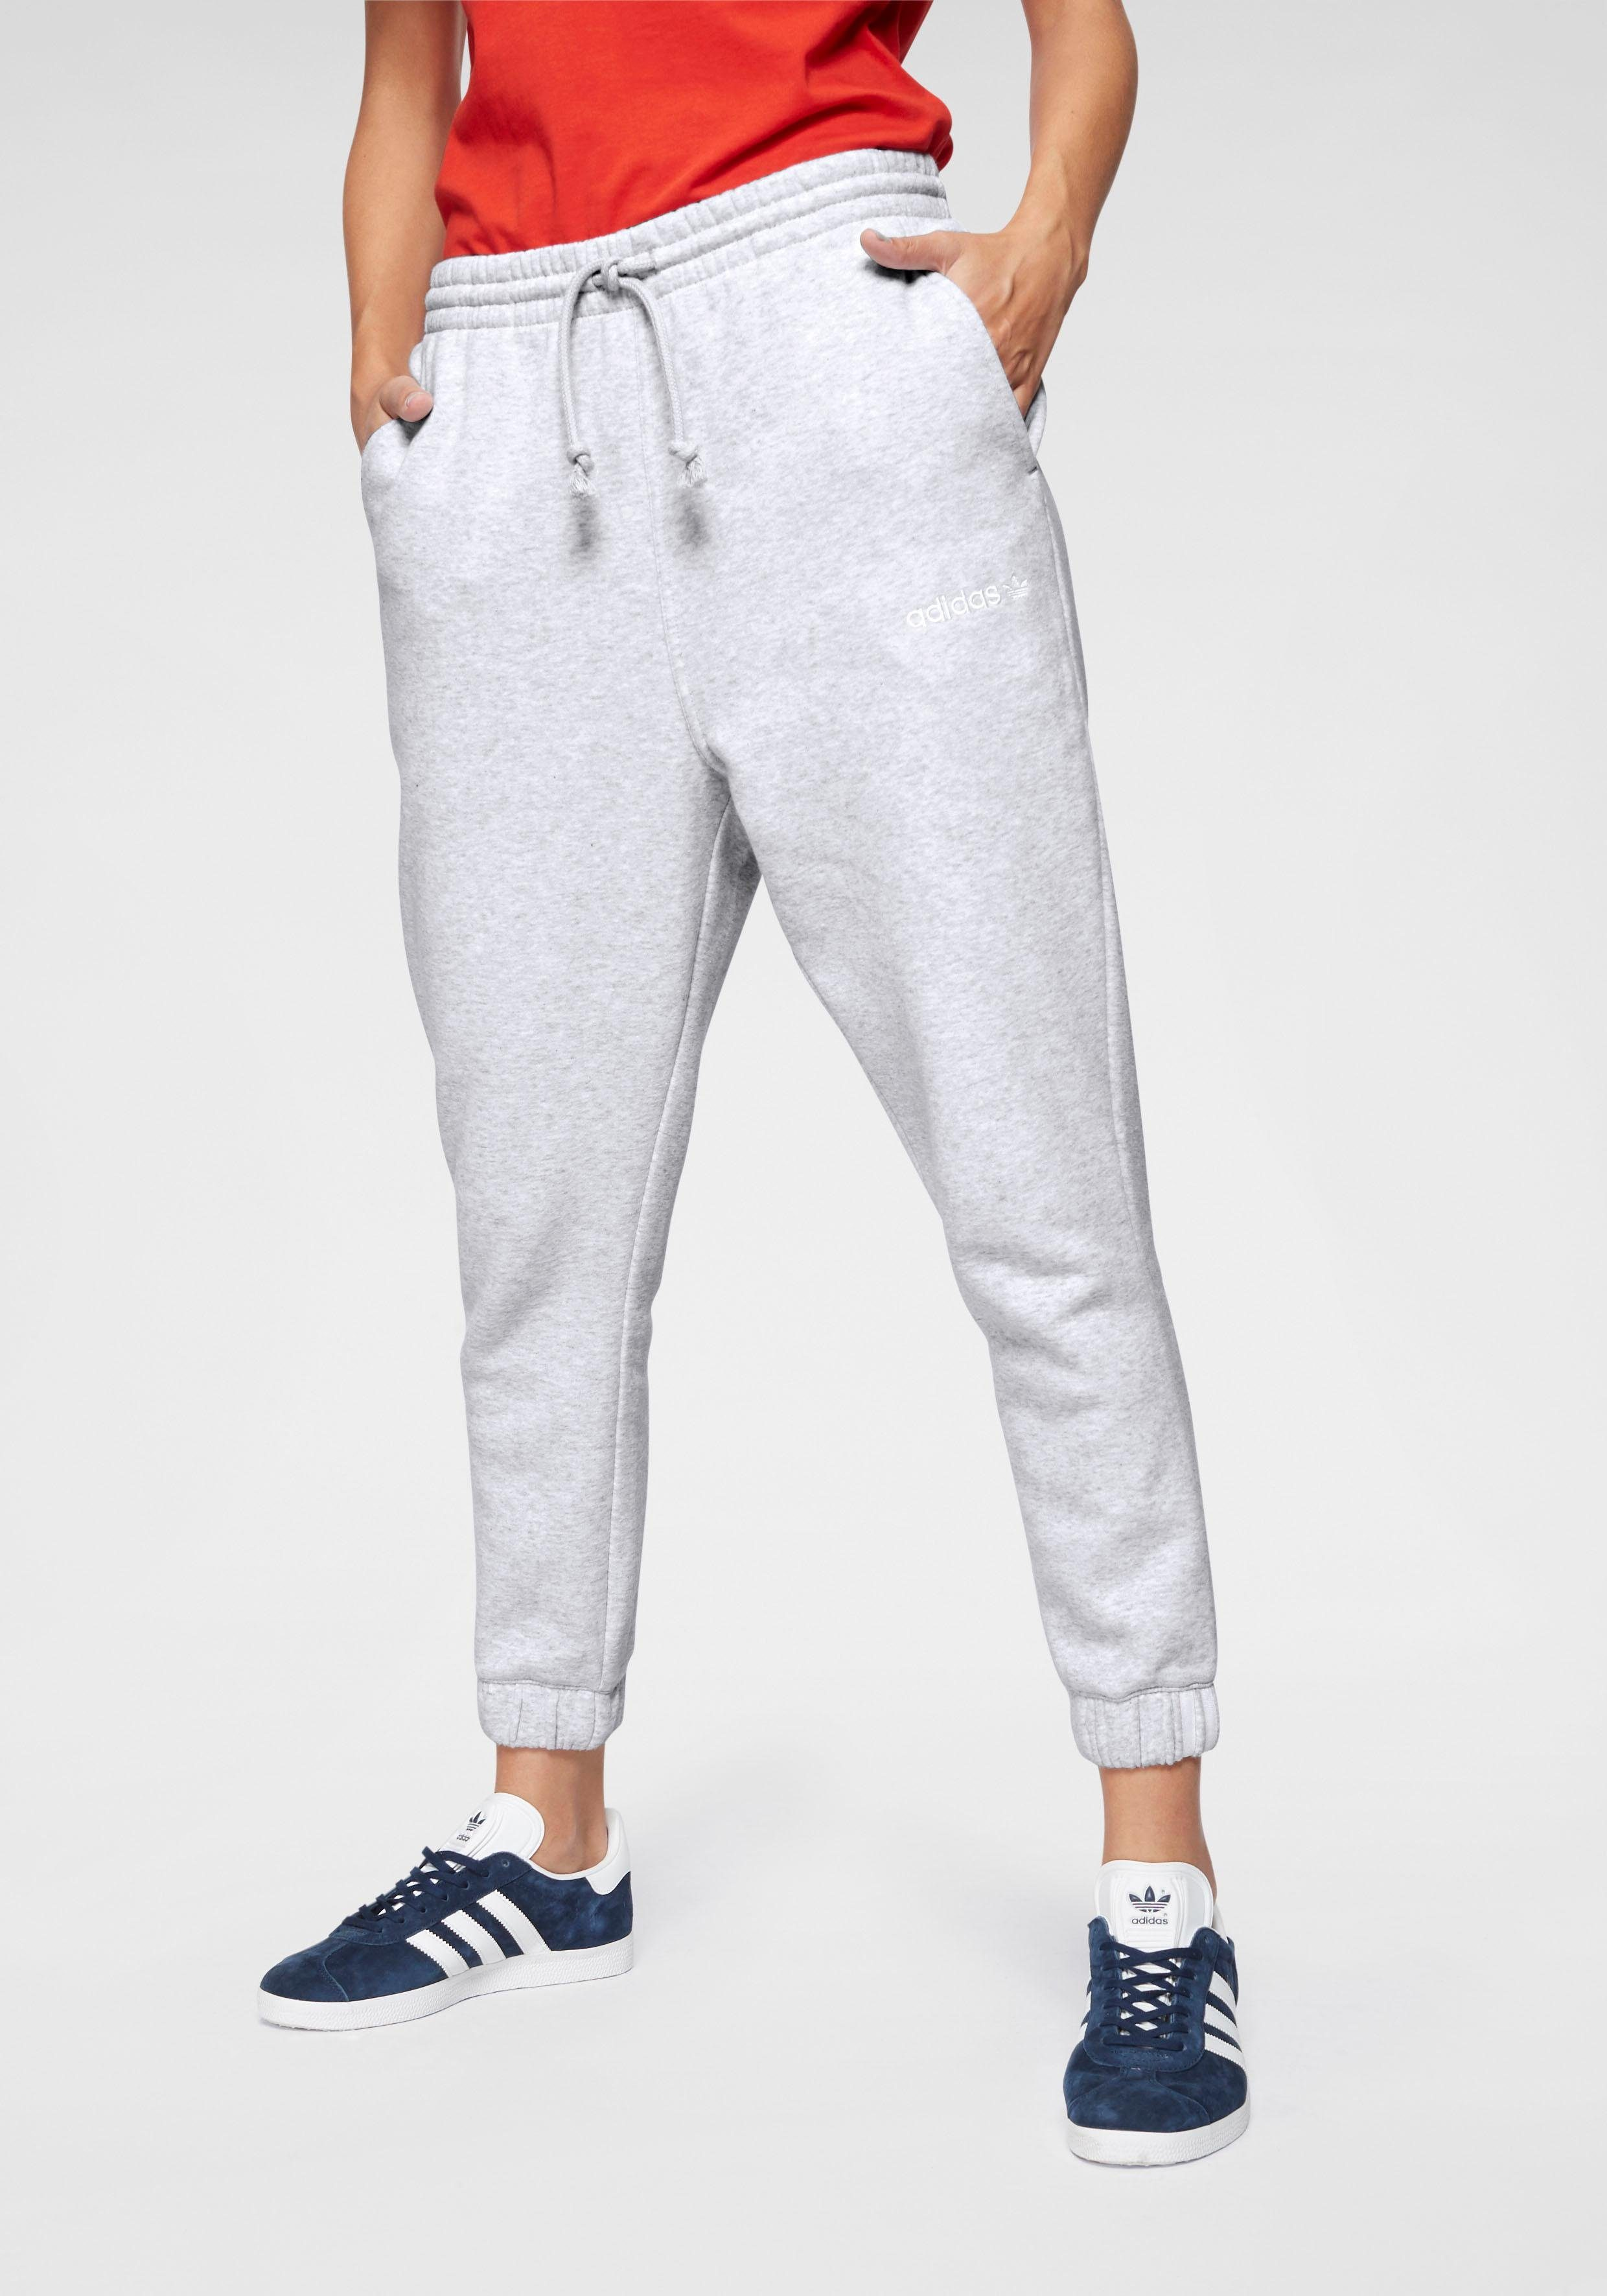 adidas Originals Jogginghose »COEEZE PANT« kaufen | OTTO